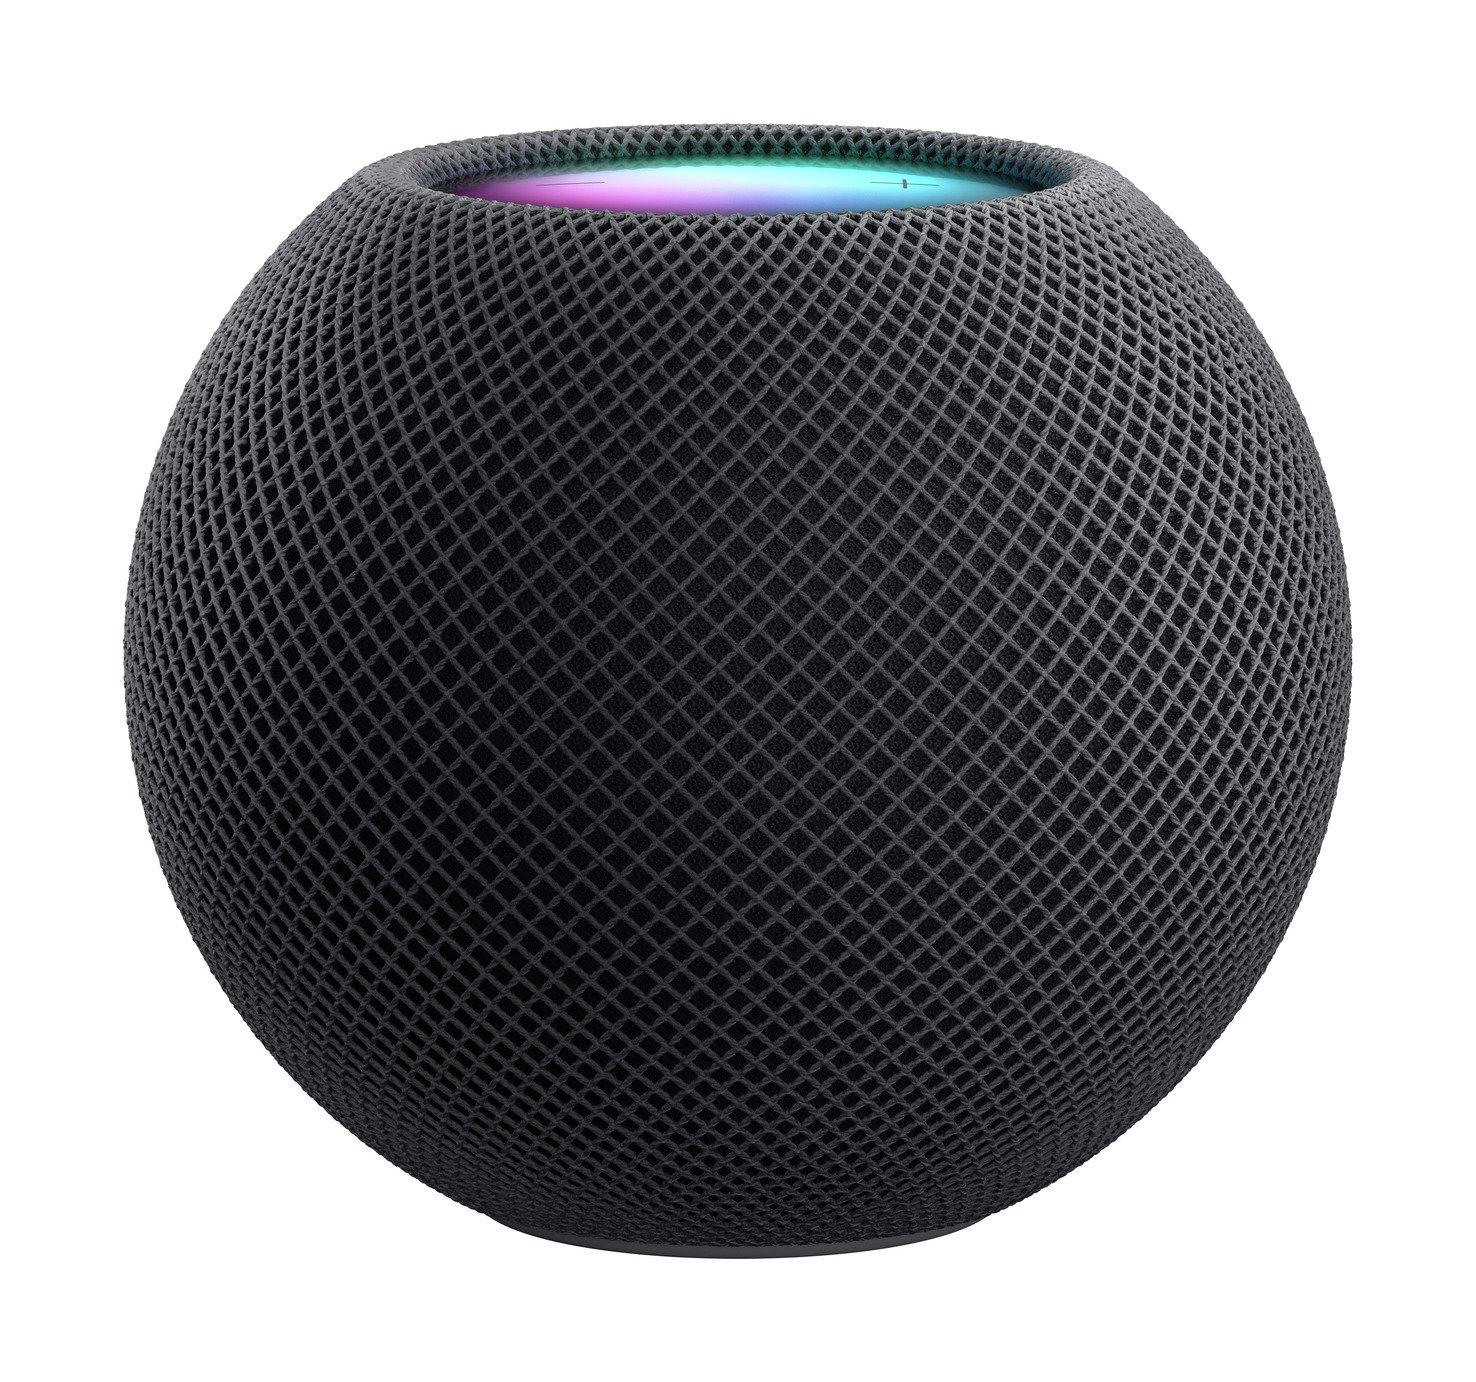 Apple HomePod Mini Smart Speaker - Space Grey